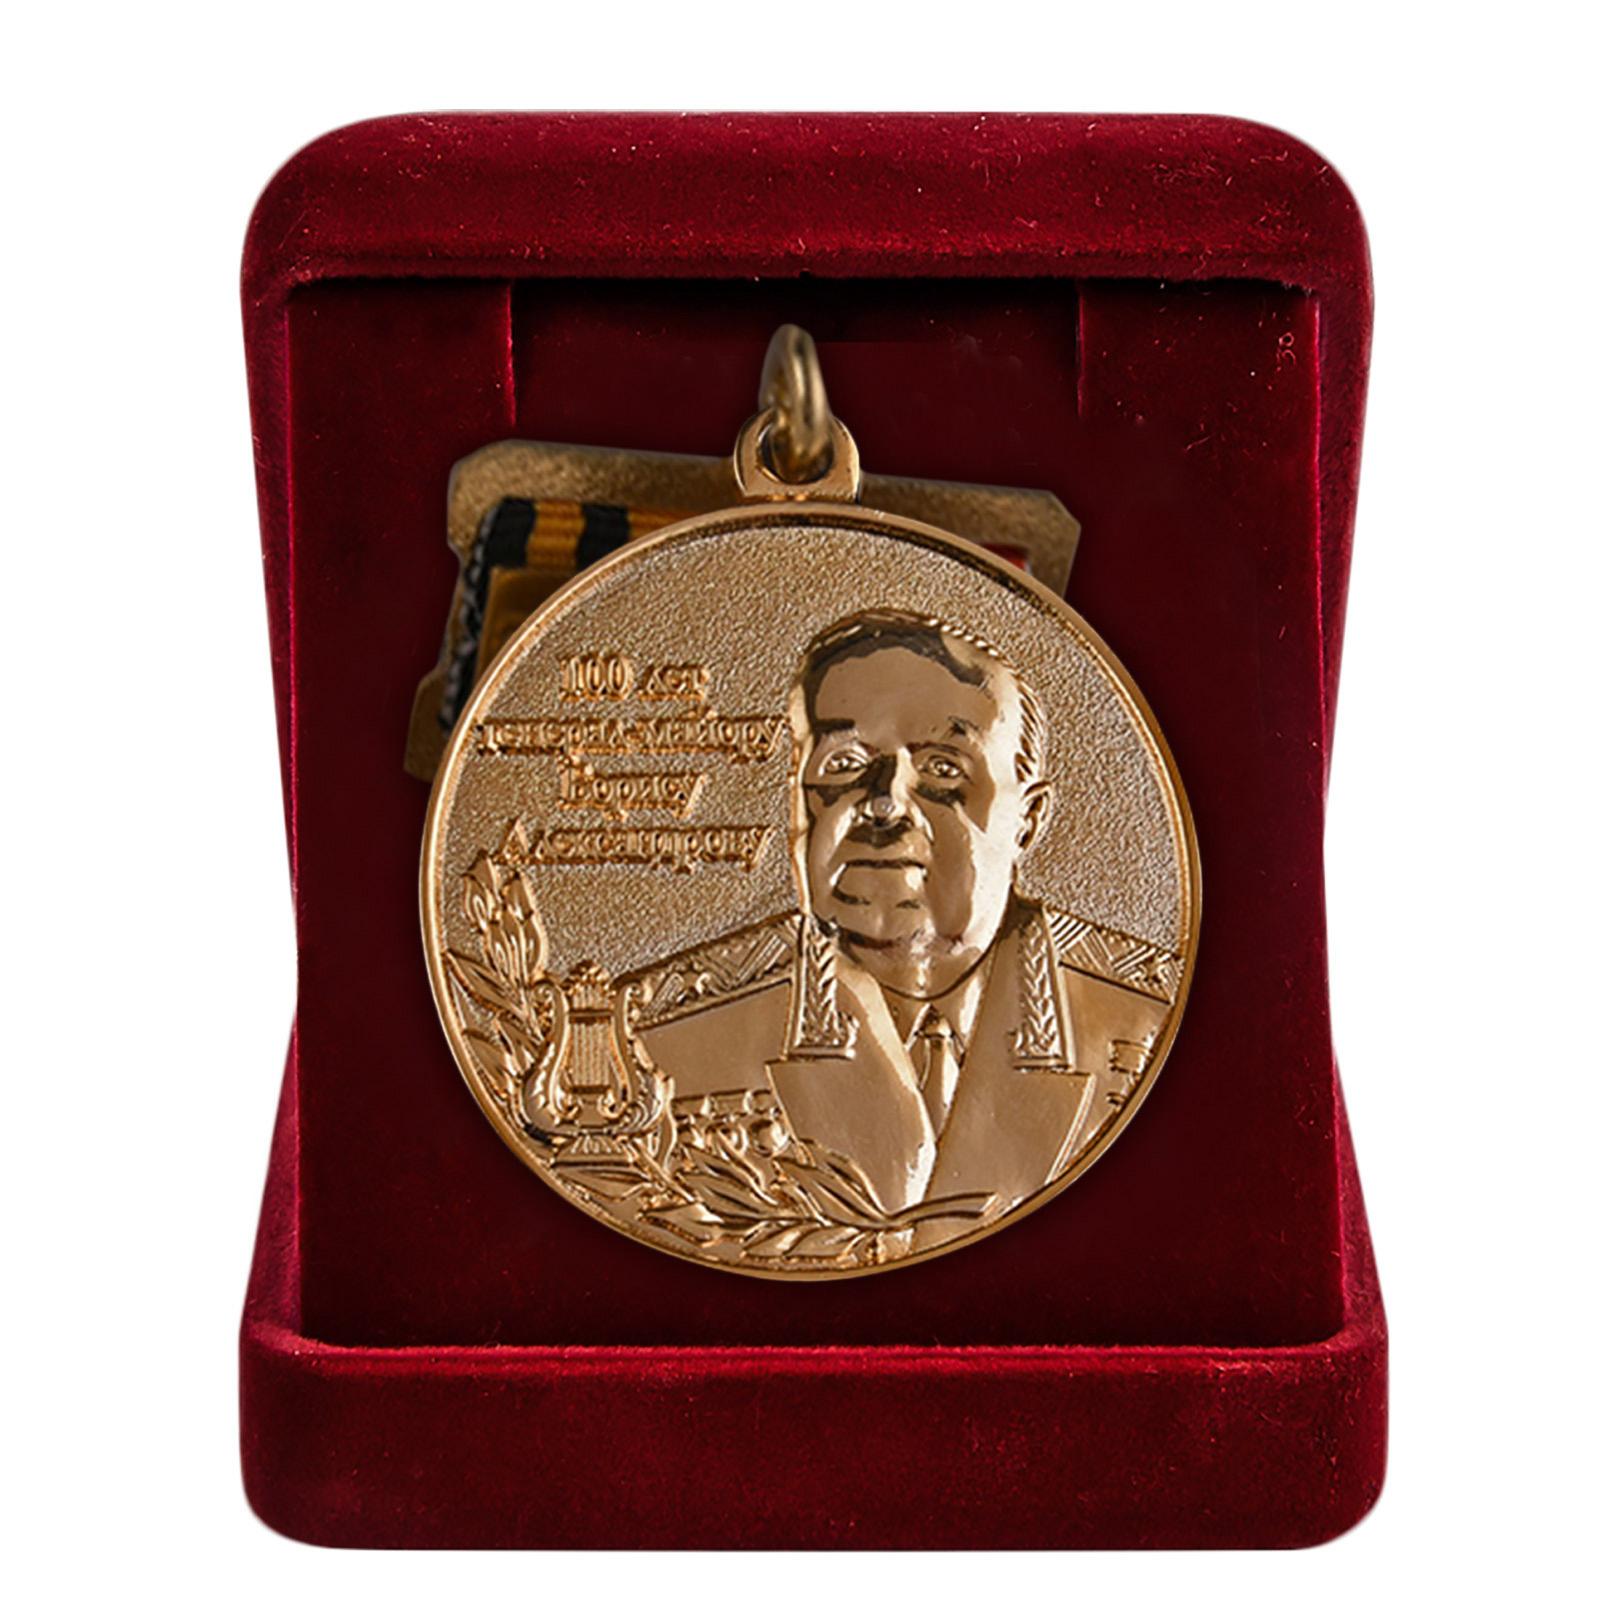 Купить юбилейный знак 100-лет Генералу Александрову МО РФ онлайн с доставкой